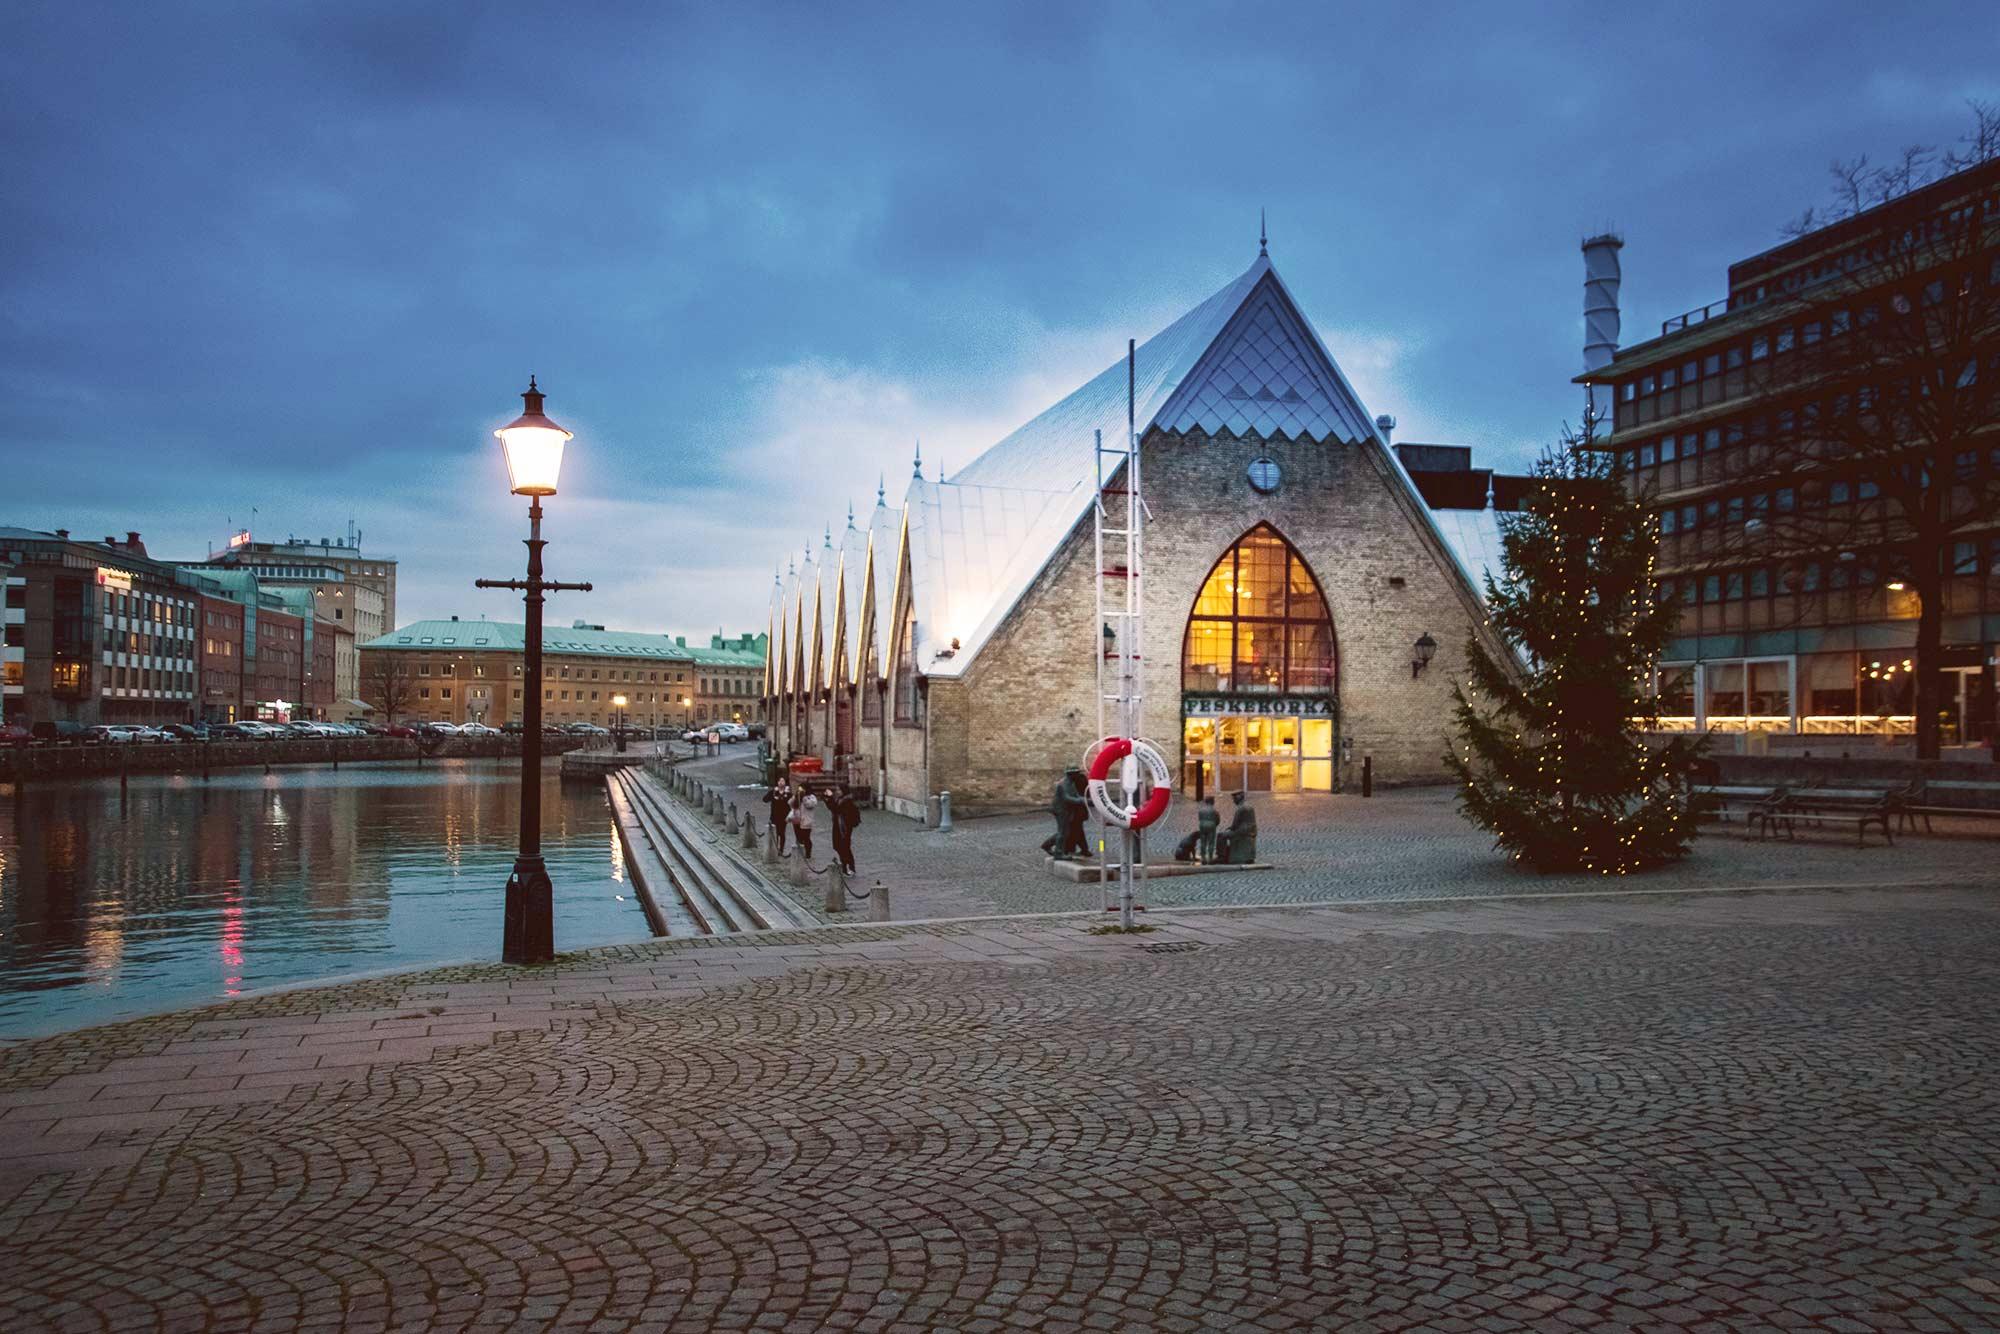 Рыбная церковь Гётеборга — это на самом деле рынок. Он был открыт 1 ноября 1874 года